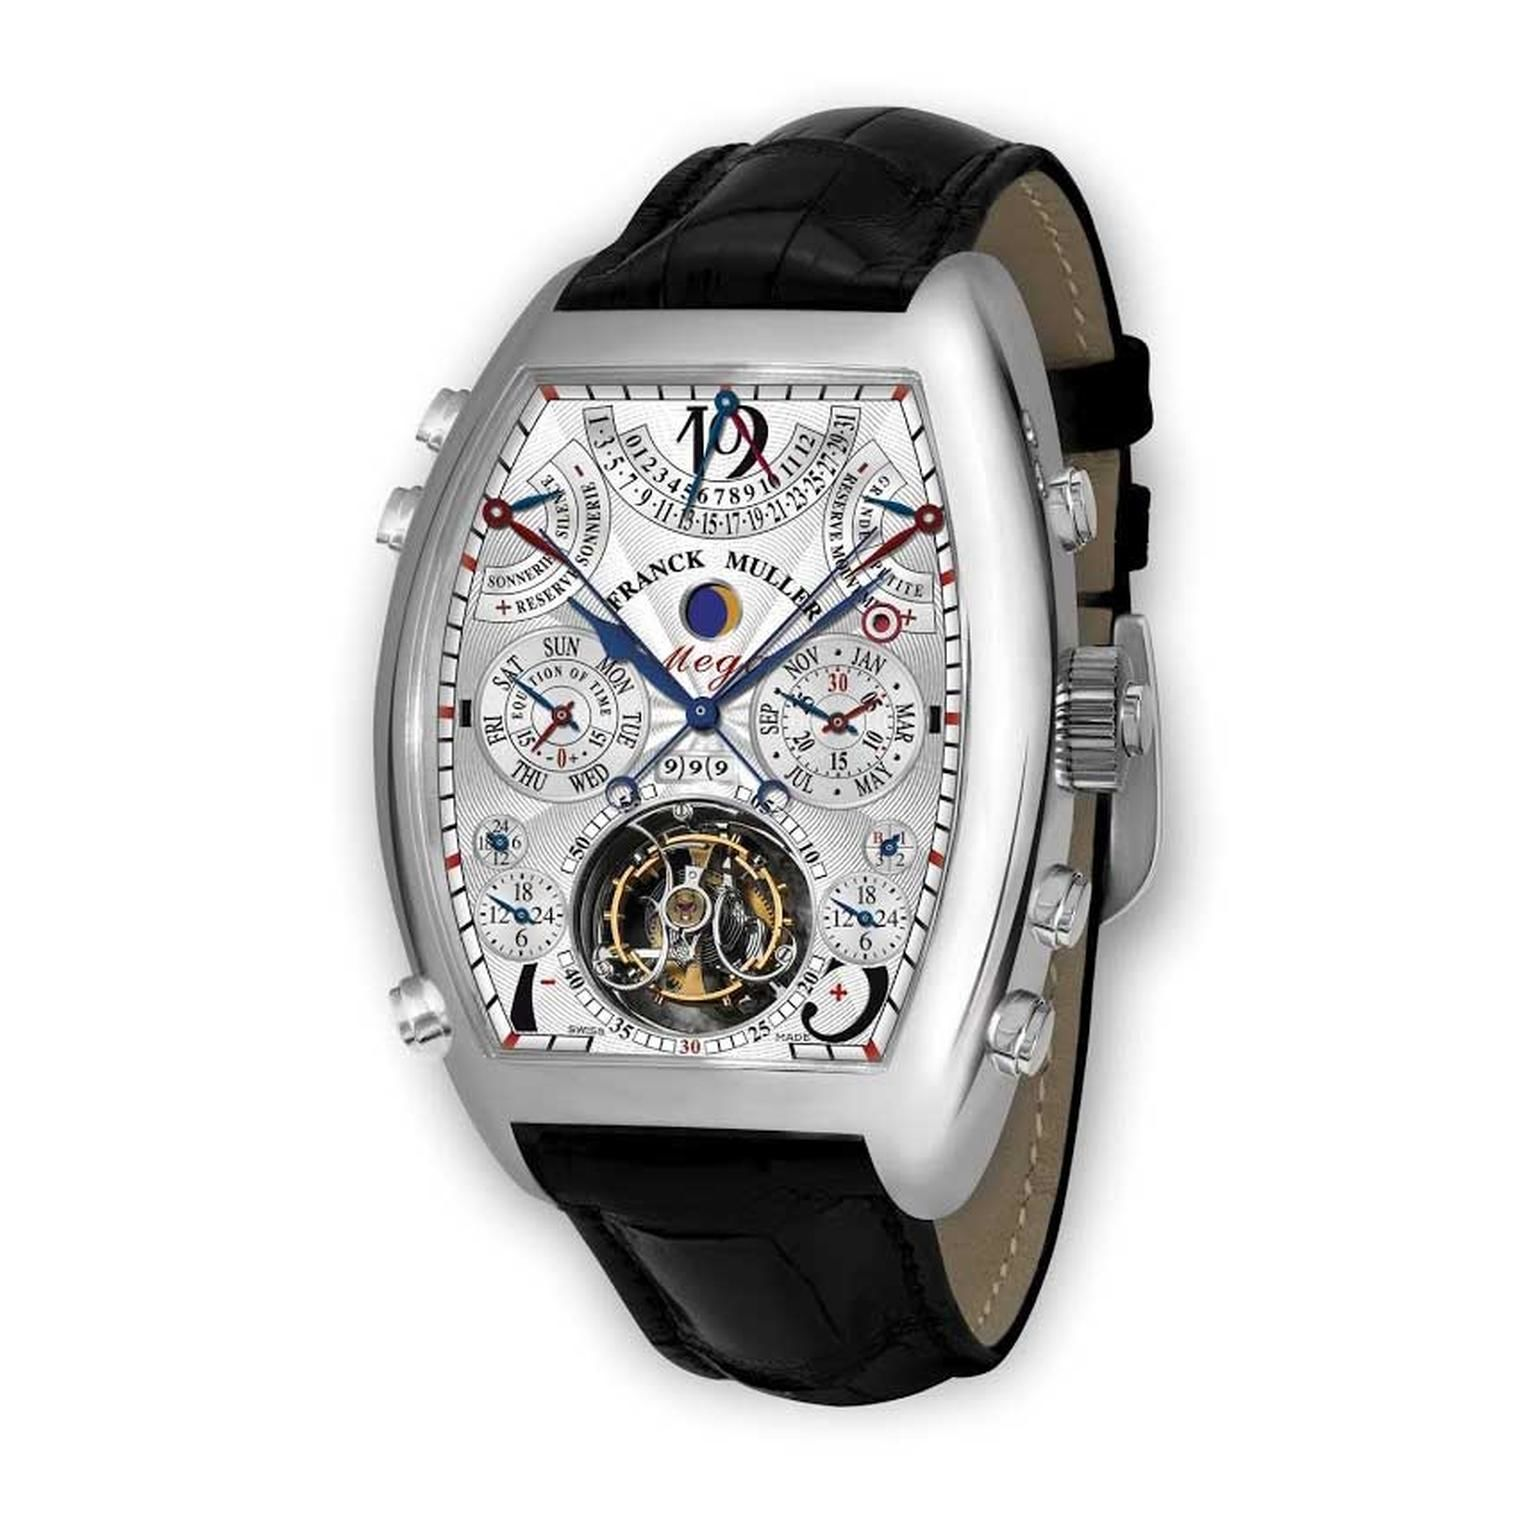 Deretan Jam Tangan Termahal di Dunia yang Fancy Banget!